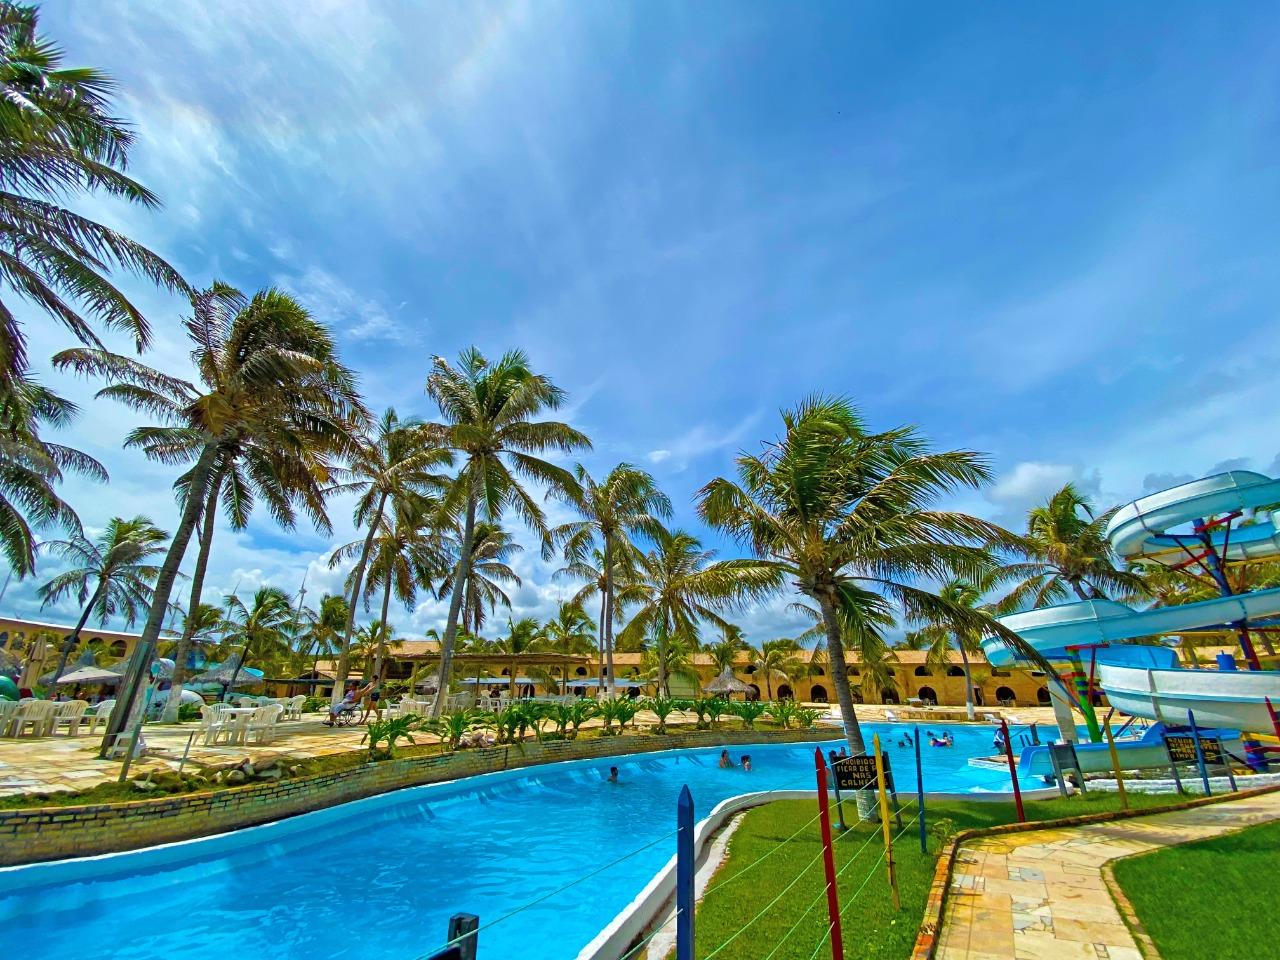 Hotel Parque das Fontes, em Beberibe, se prepara para reabertura no dia 10 de agosto